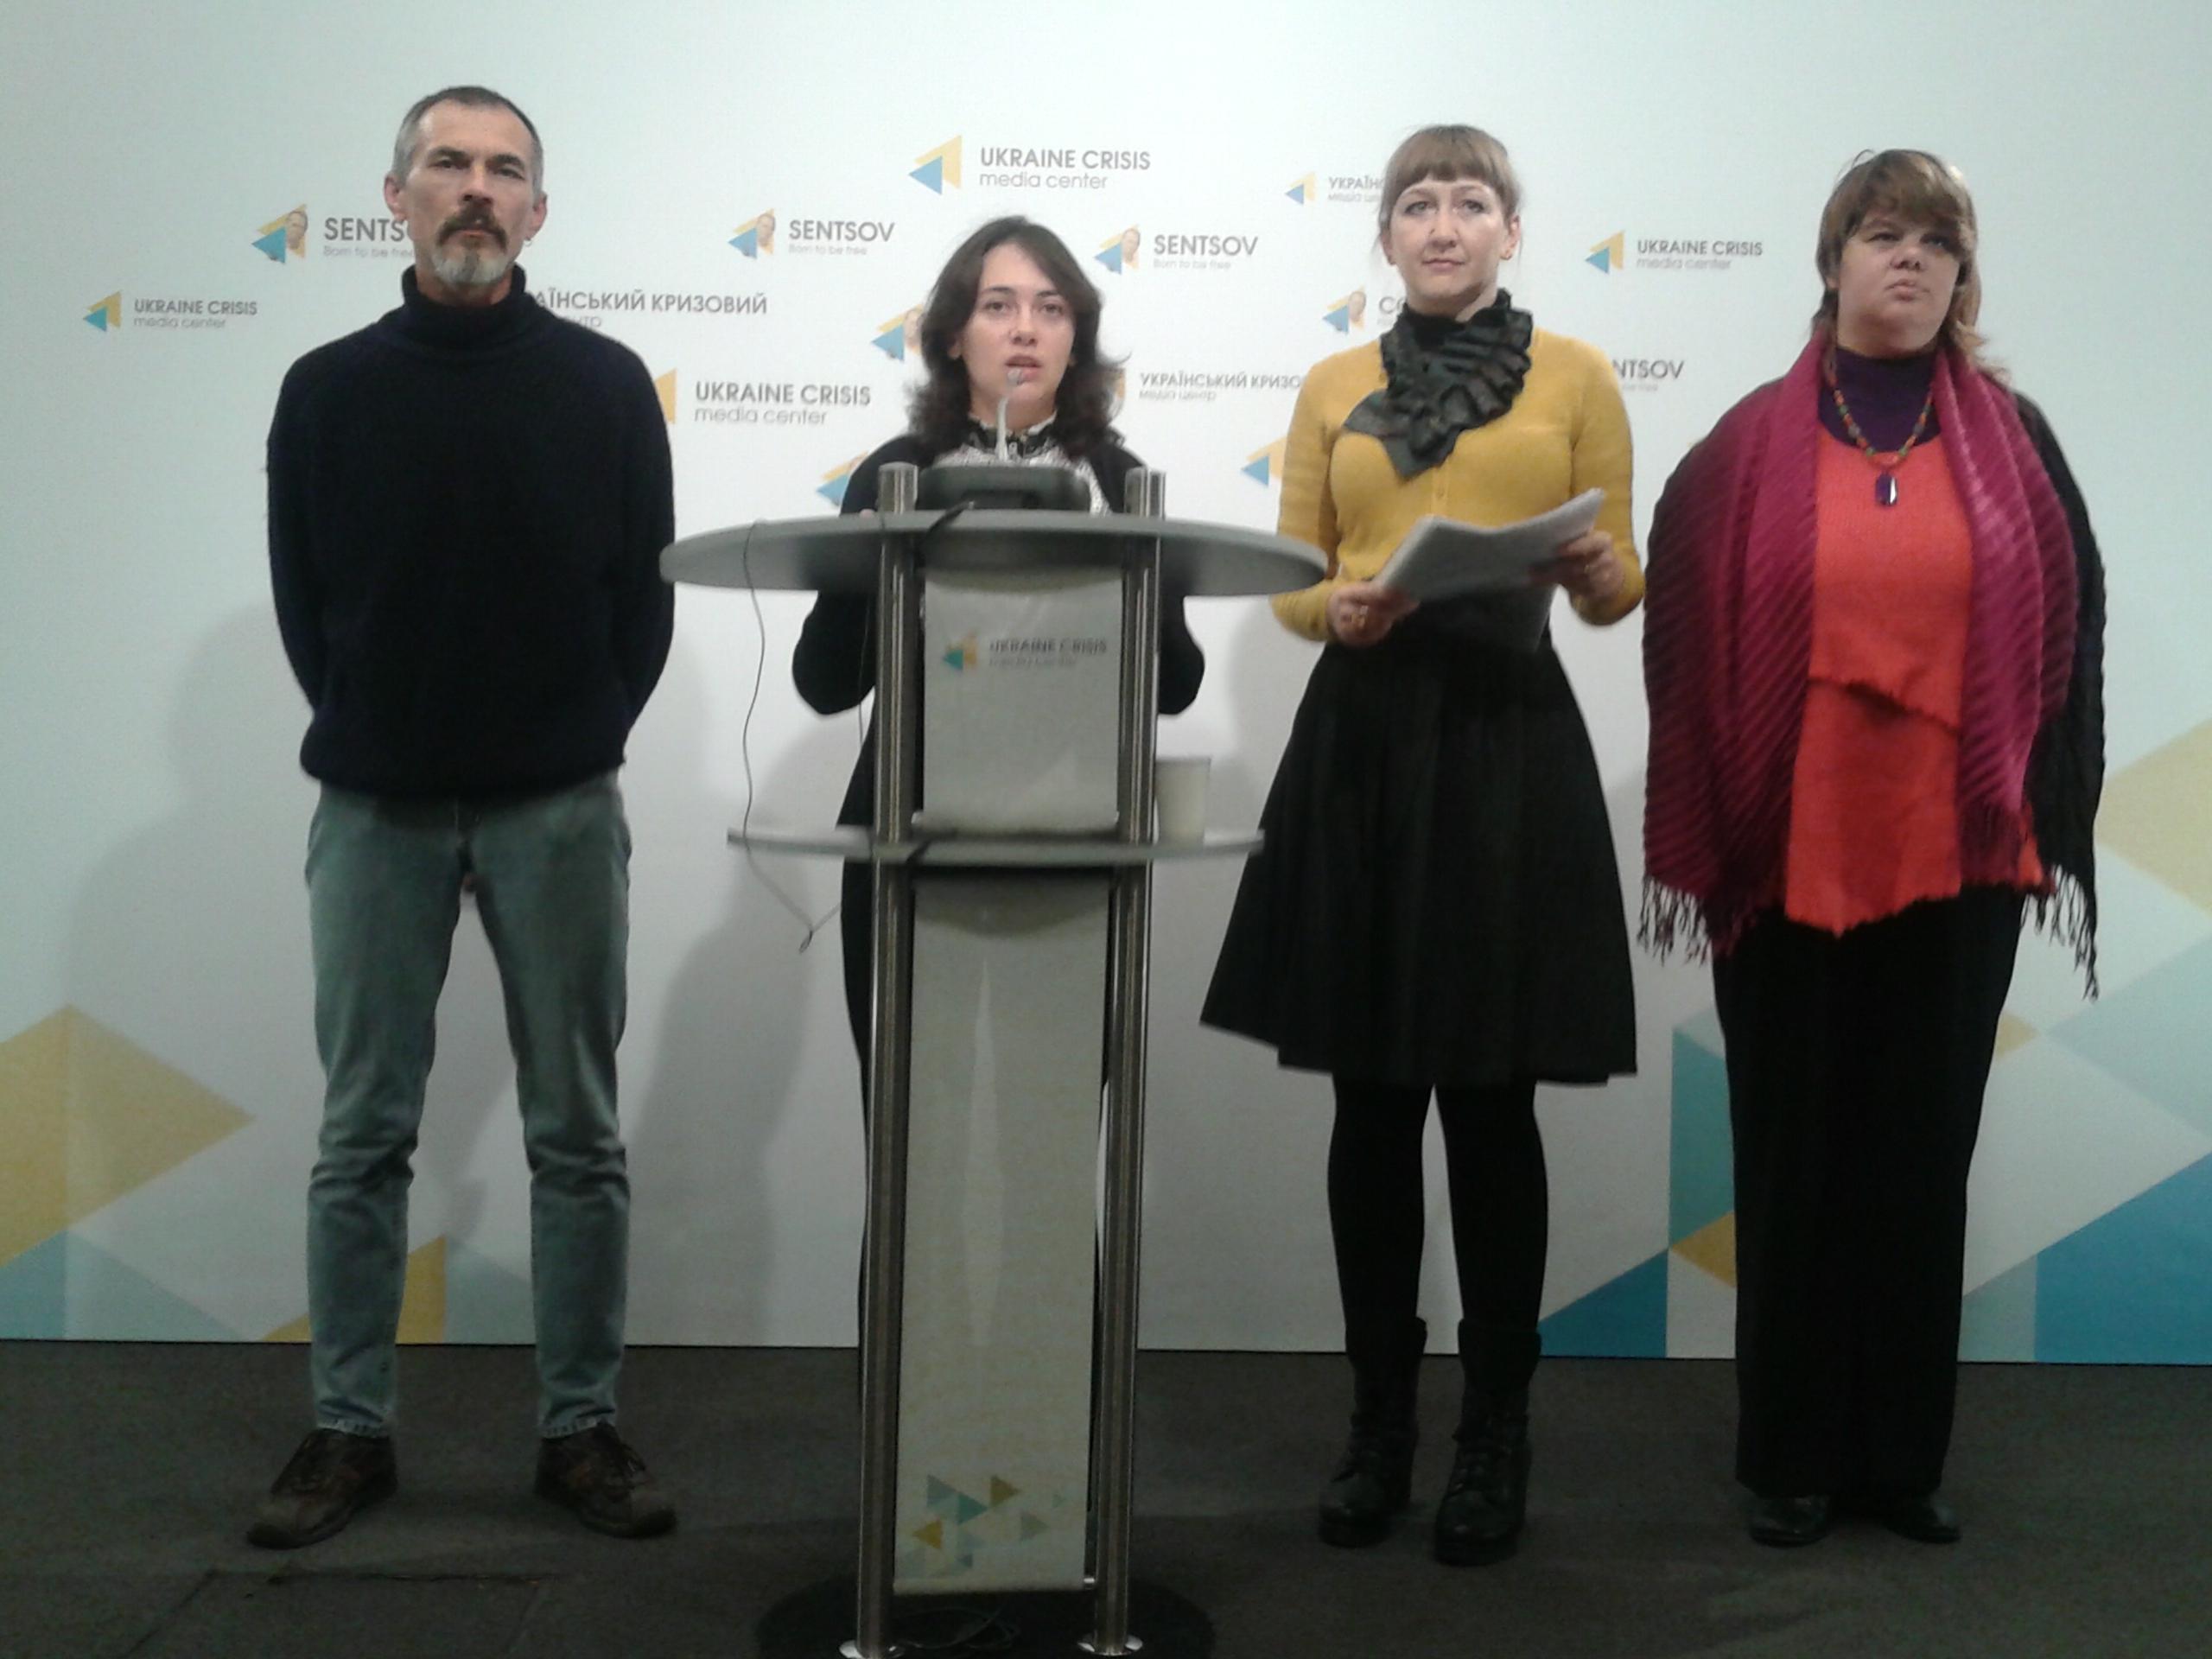 Київський апеляційний адміністративний суд задовольнив скаргу переселенця щодо включення його до списку виборців